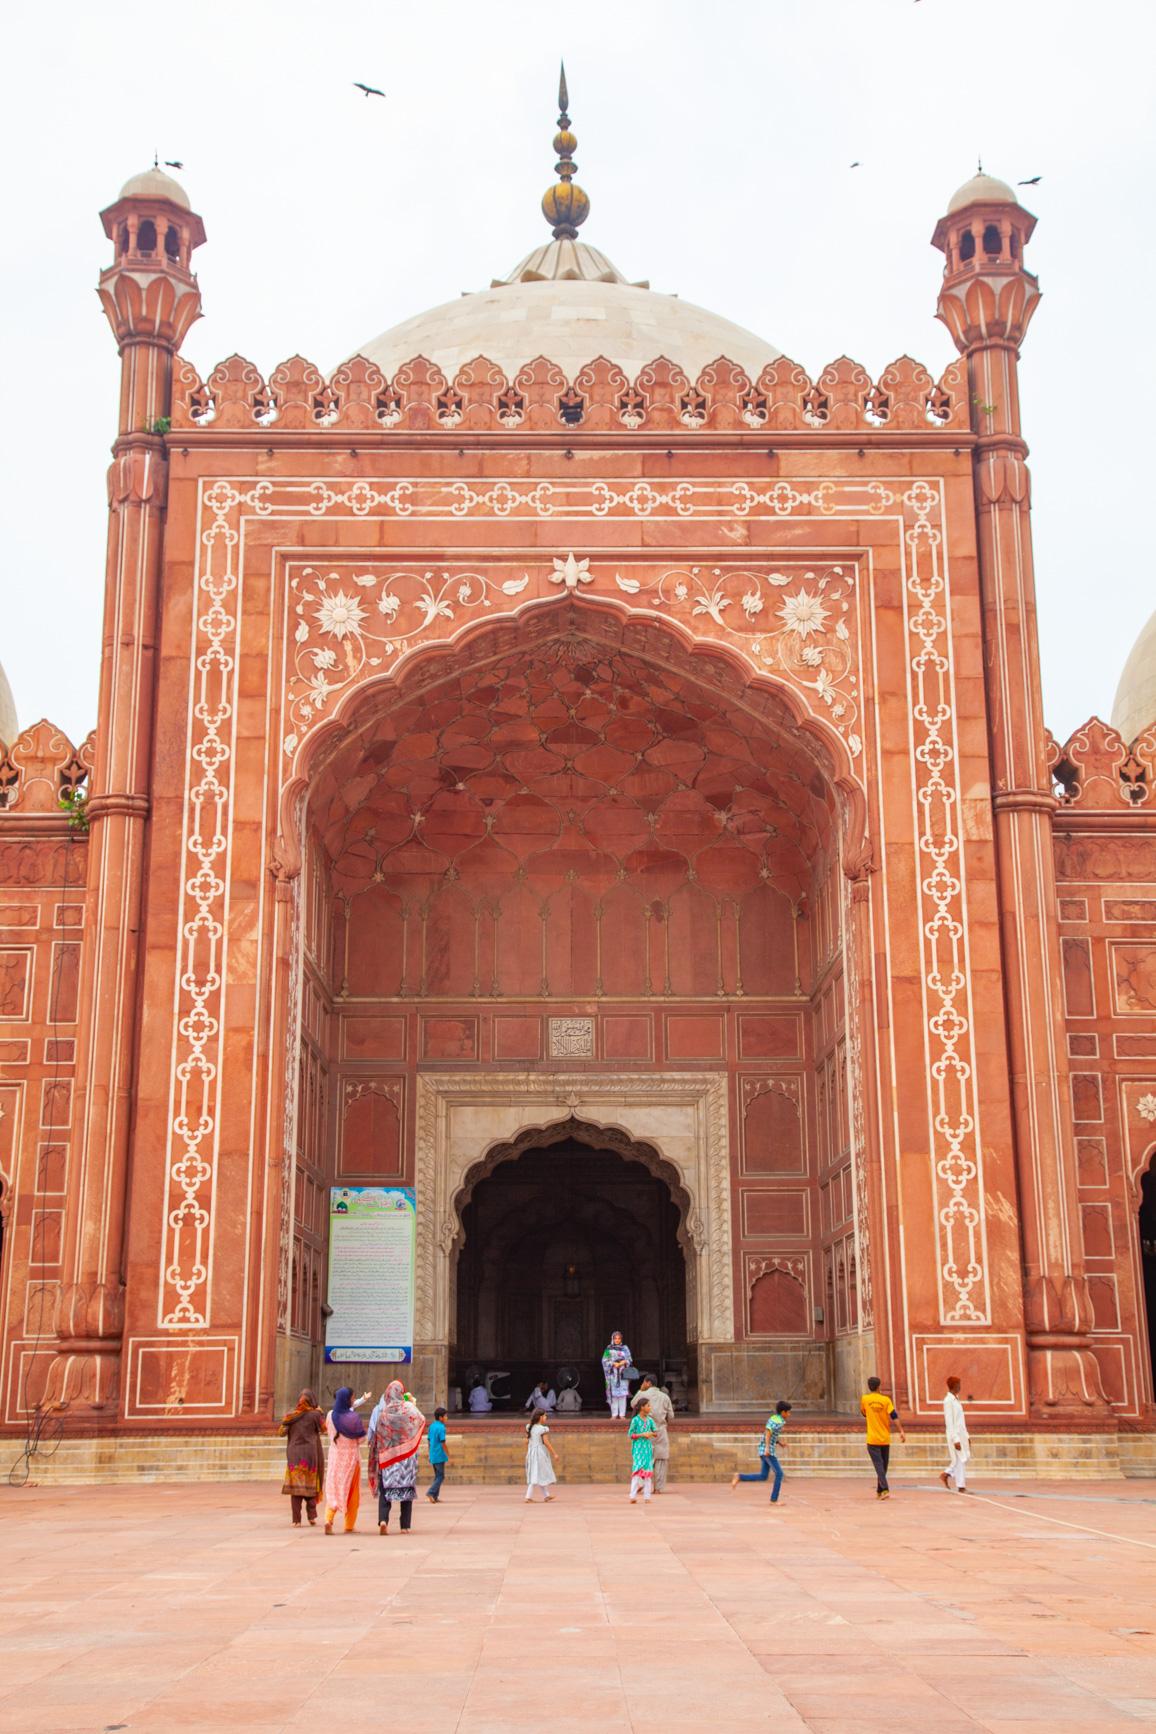 https://bubo.sk/uploads/galleries/4920/samuelklc_pakistan_lahore_img_0020.jpg